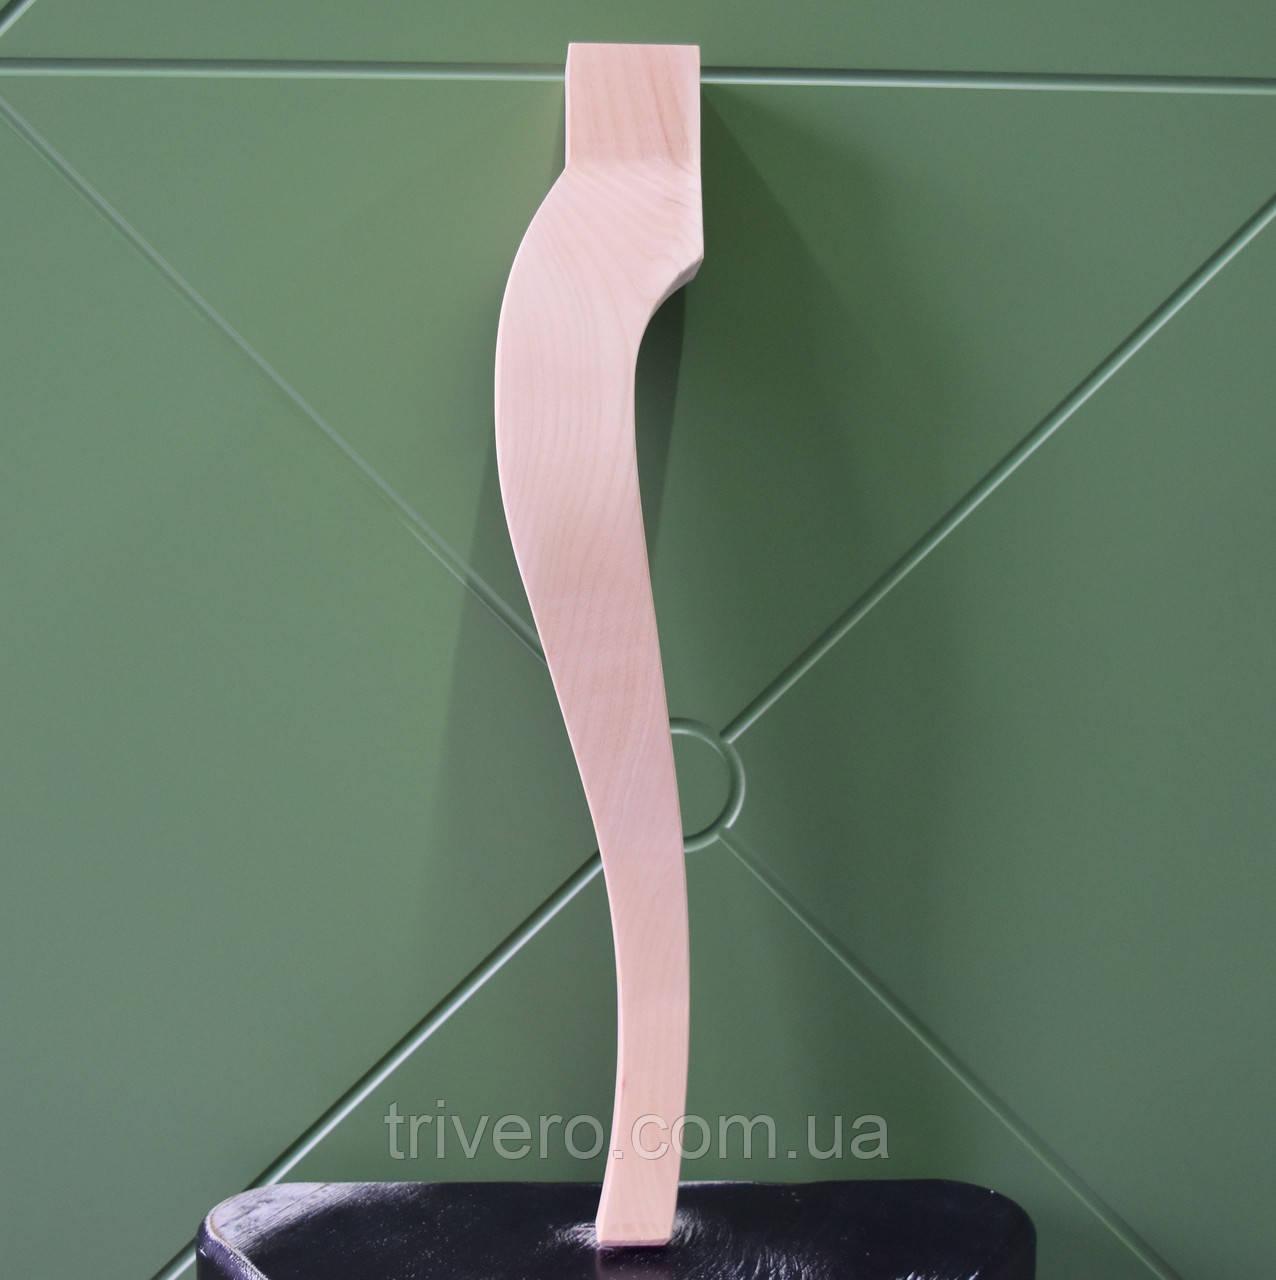 Гнутые, фигурные, венские ножки кабриоль СРЕДНИЕ h450мм